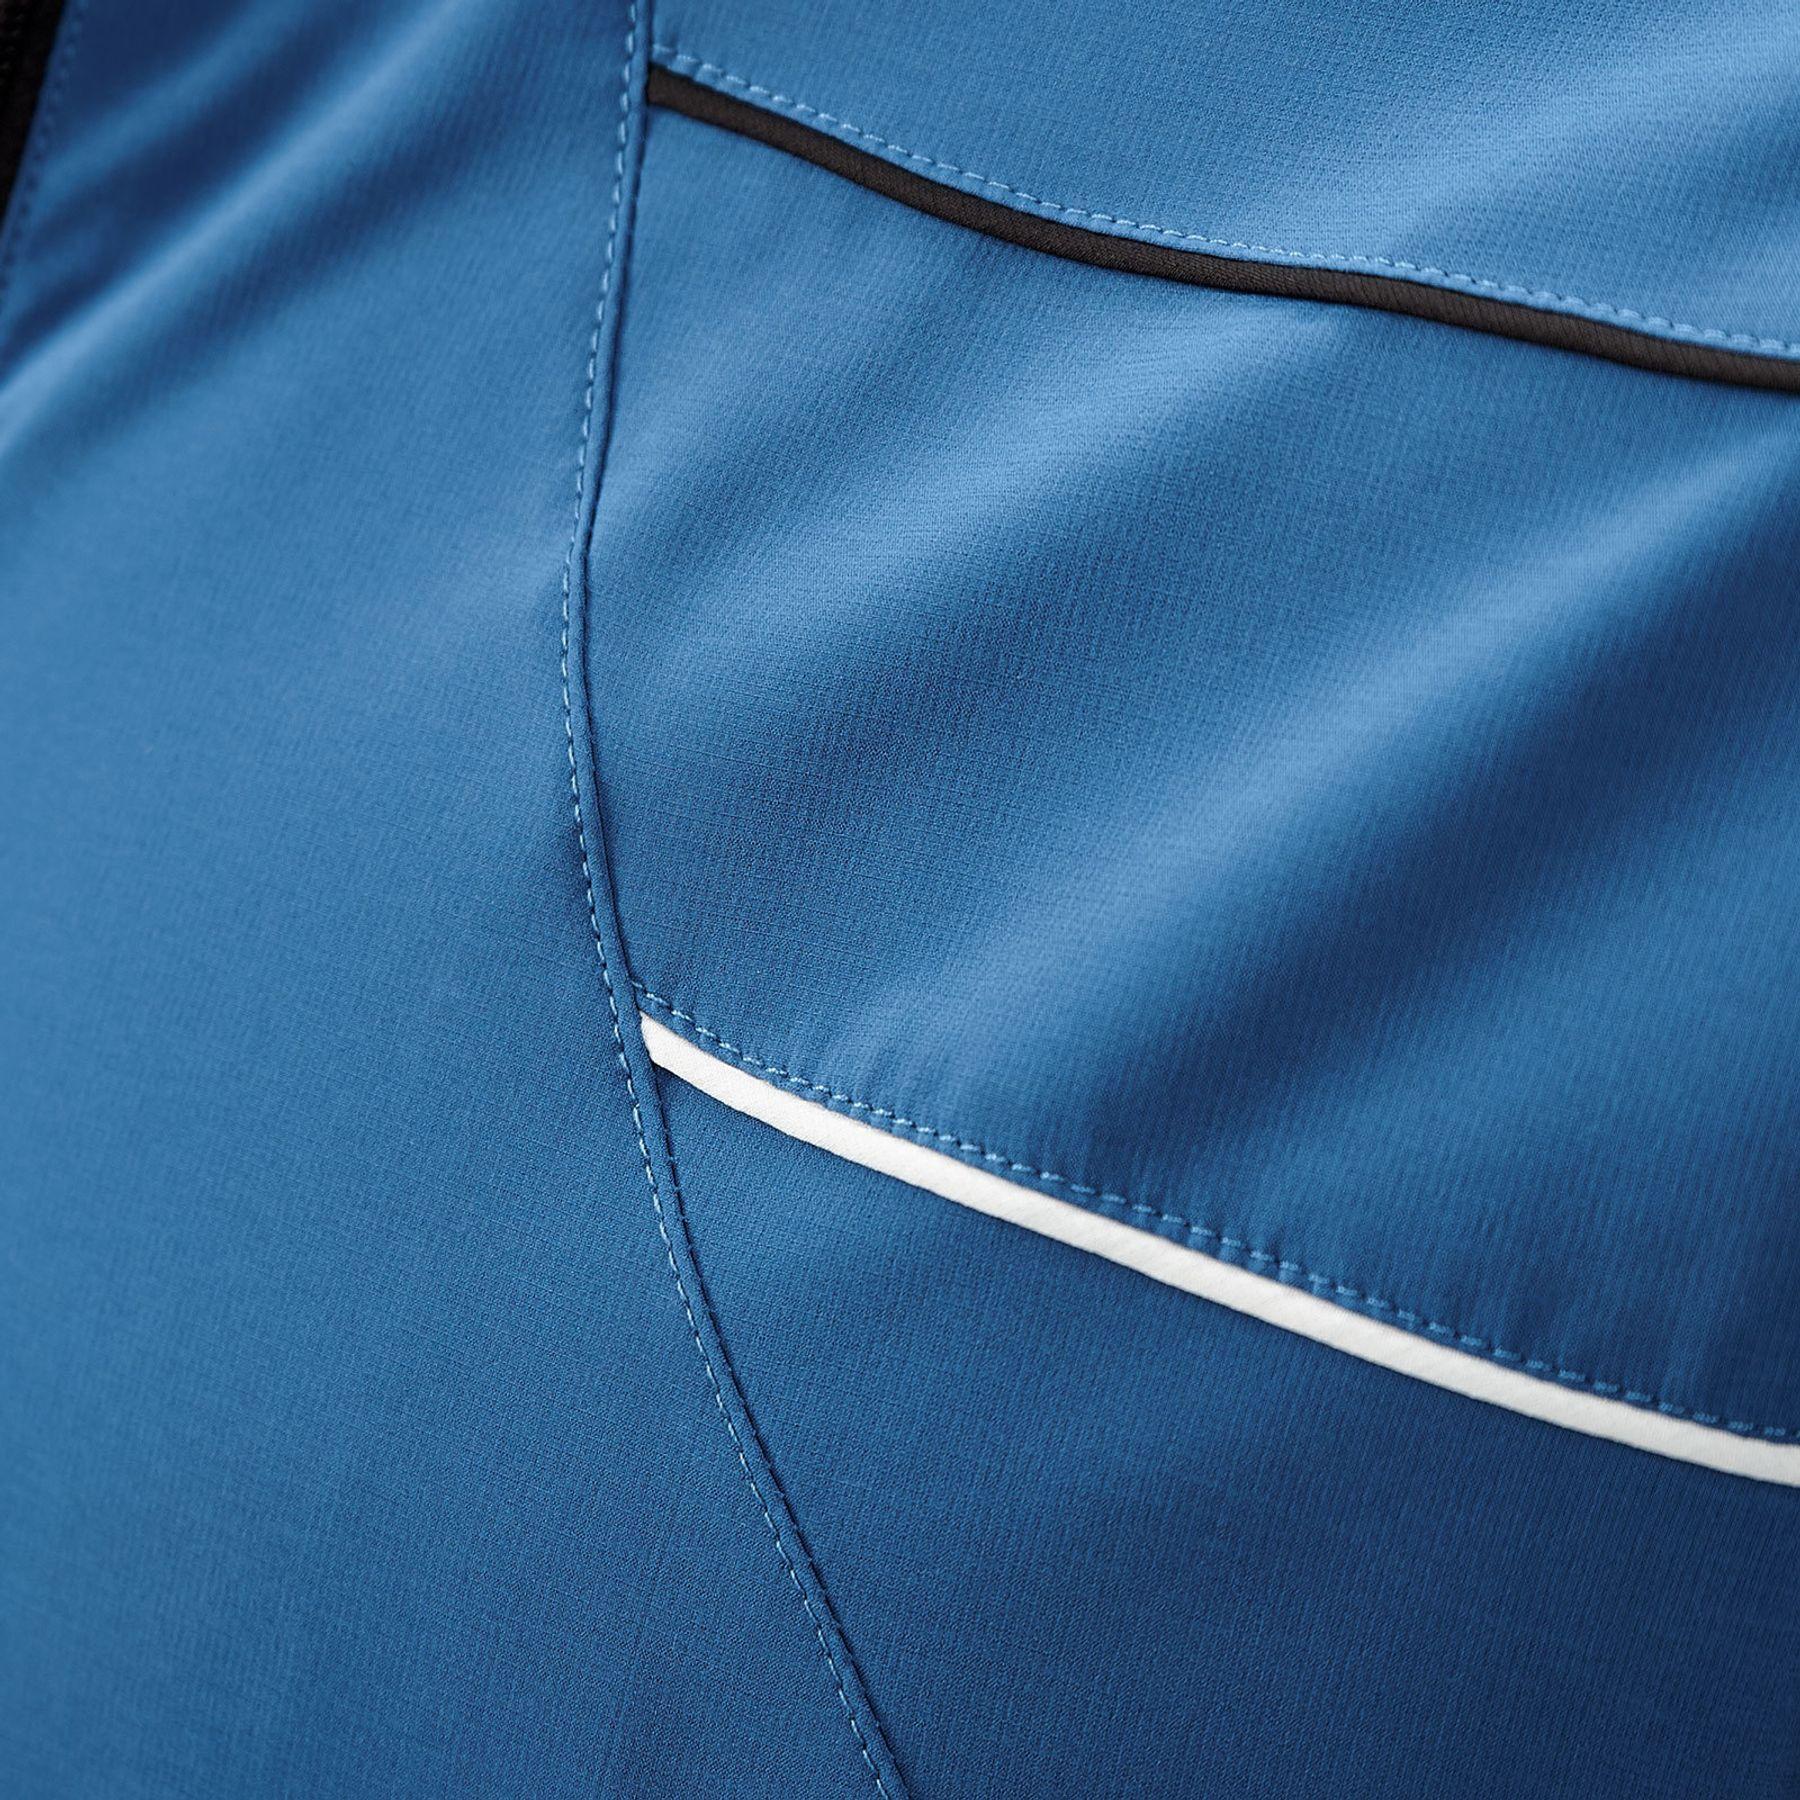 Joy - Herren Sport und Freizeit Jacke aus Stretch-Gewebe, Keith (40184) – Bild 11